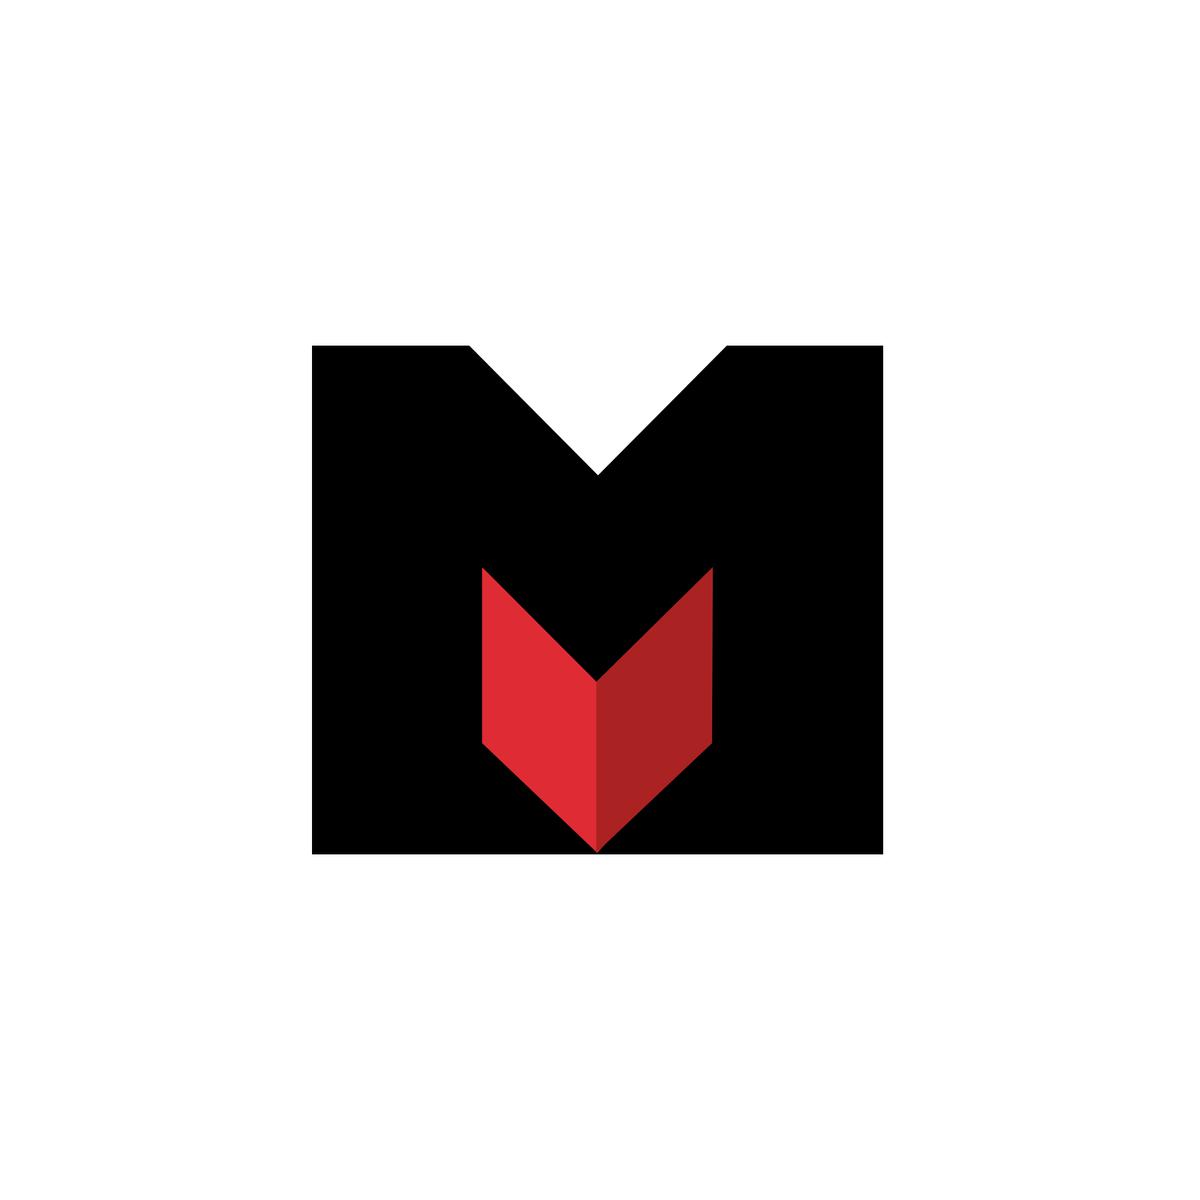 Letter M Shield Gaming Logo Gaming Logos Camera Logos Design Logos